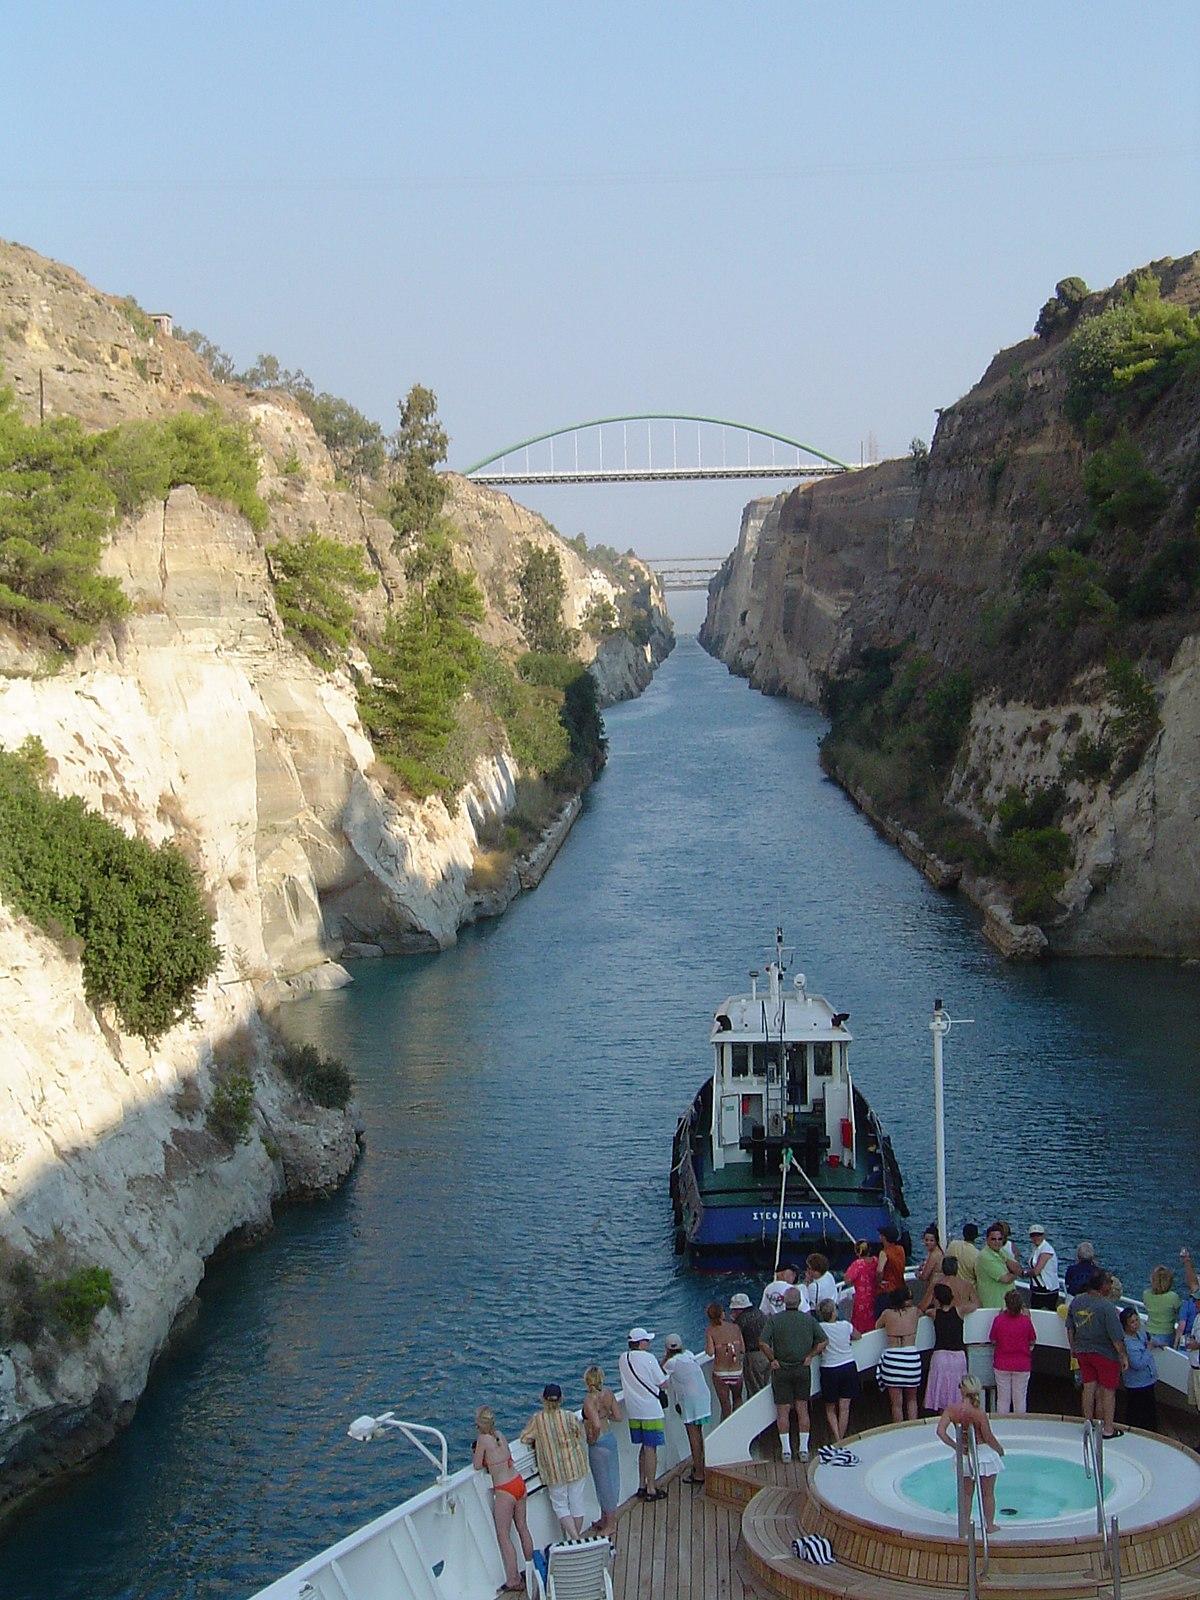 Corinth Canal Wikipedia